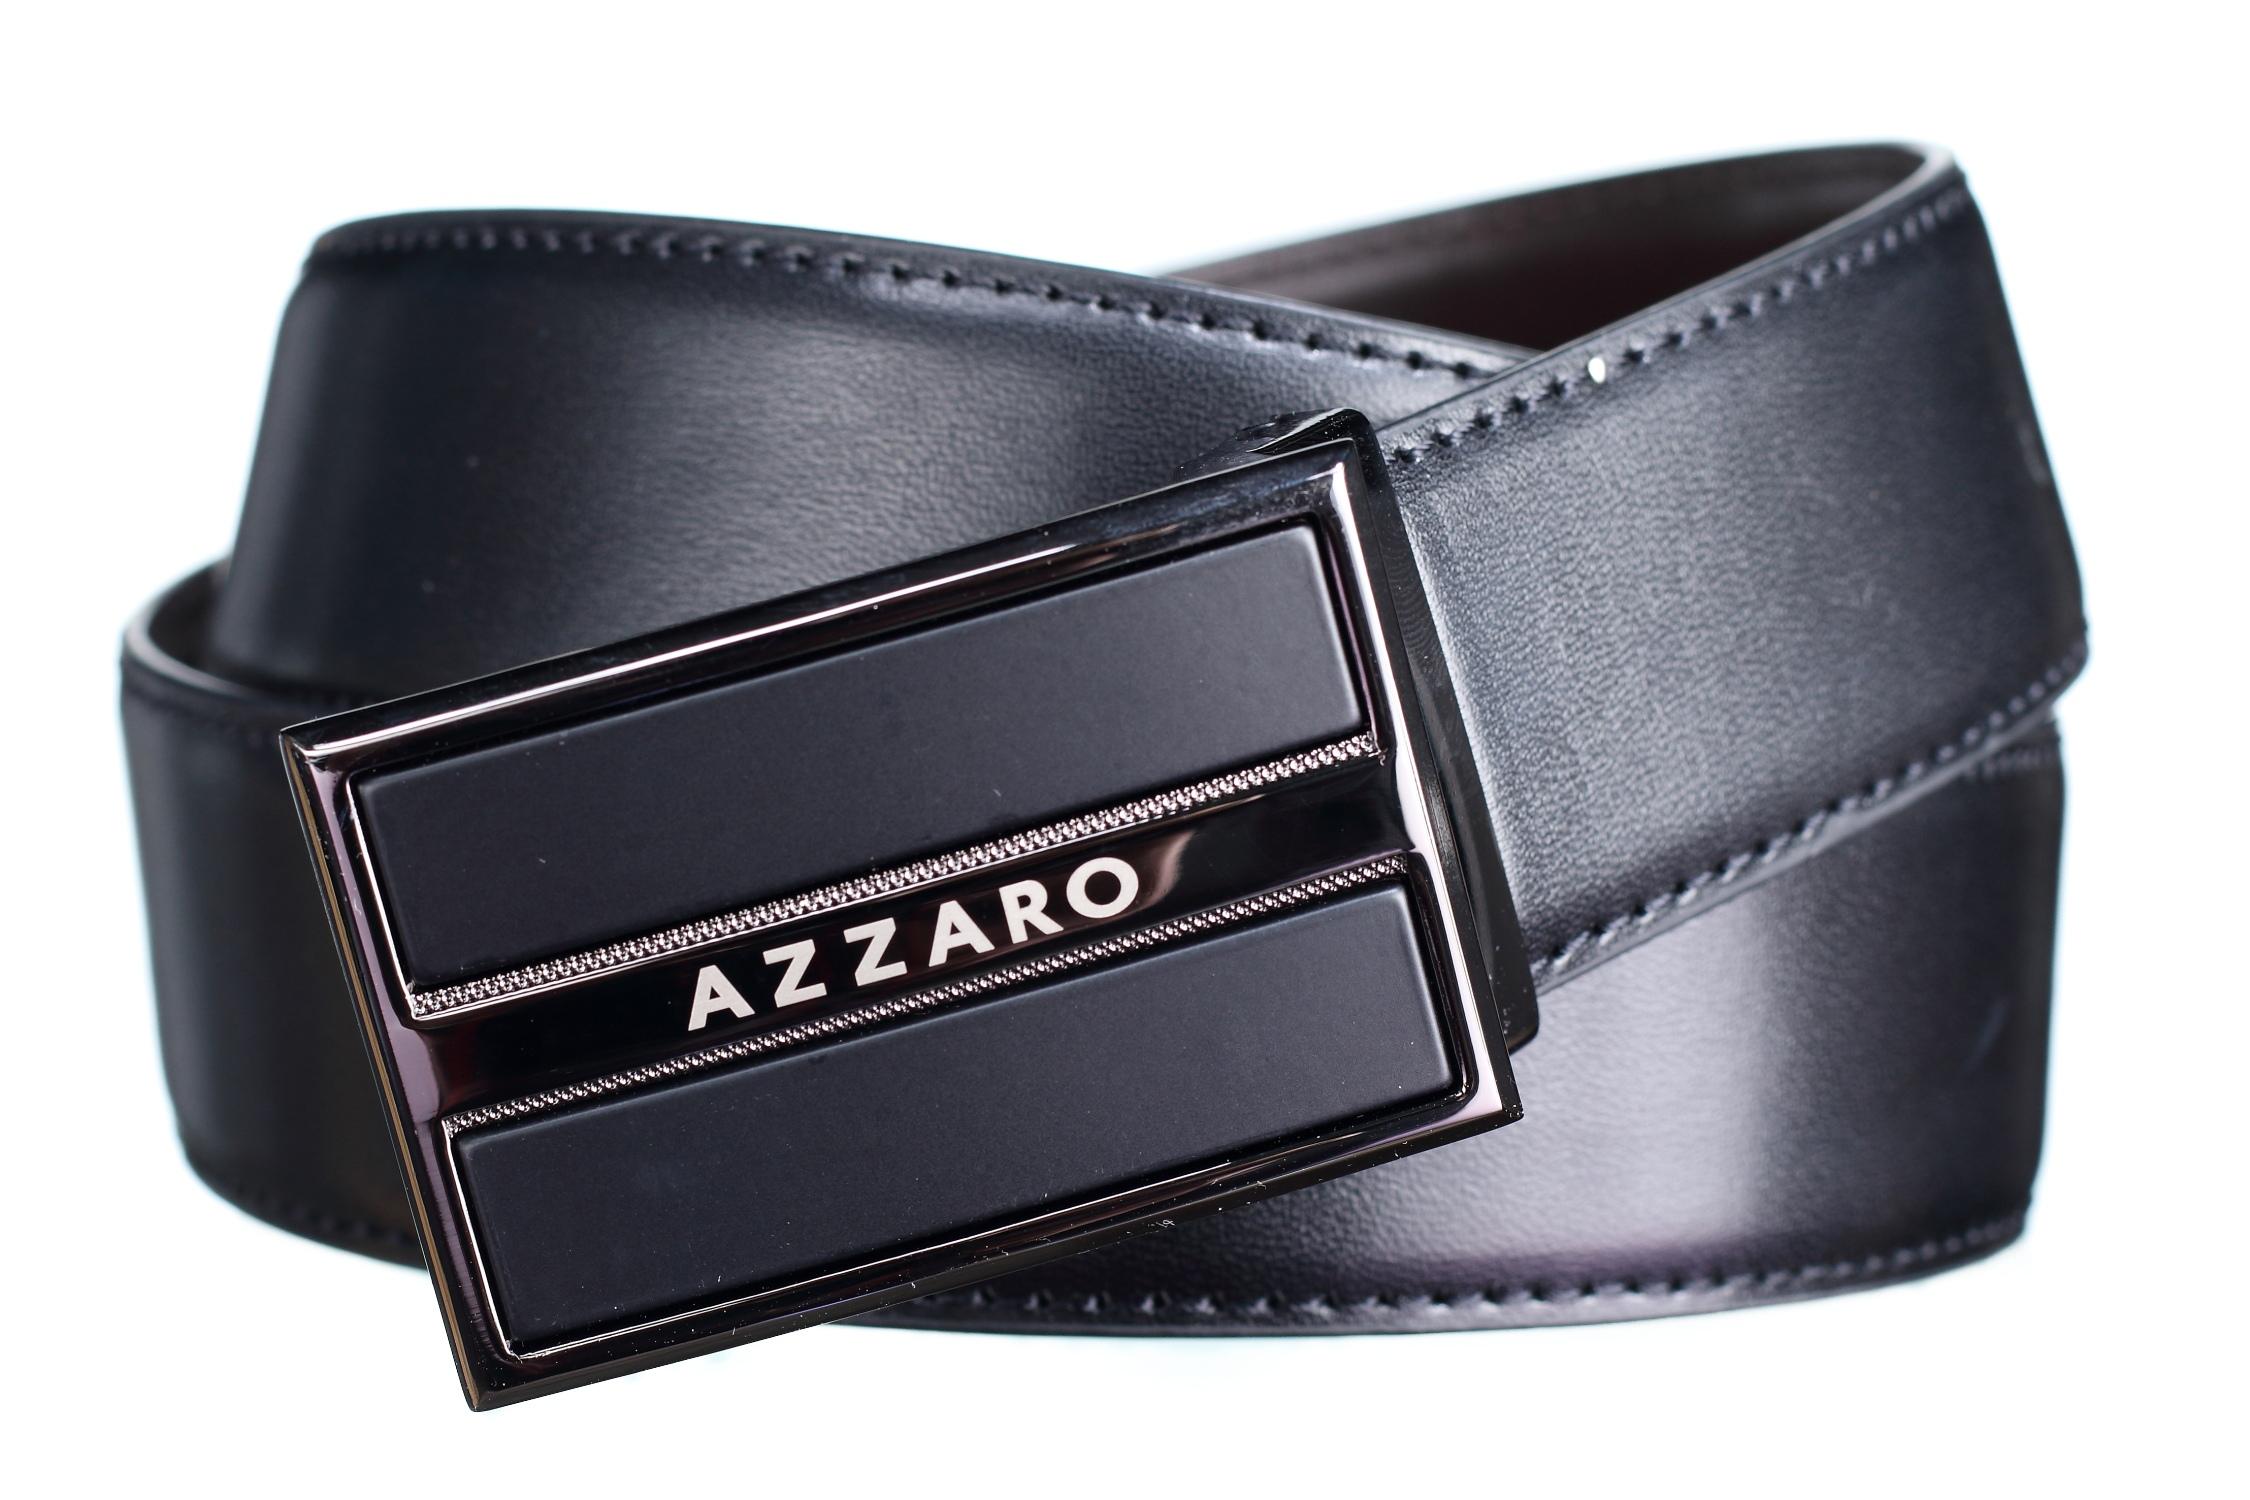 https://www.leadermode.com/122838/azzaro-large-91142-reversible-noir-marron.jpg